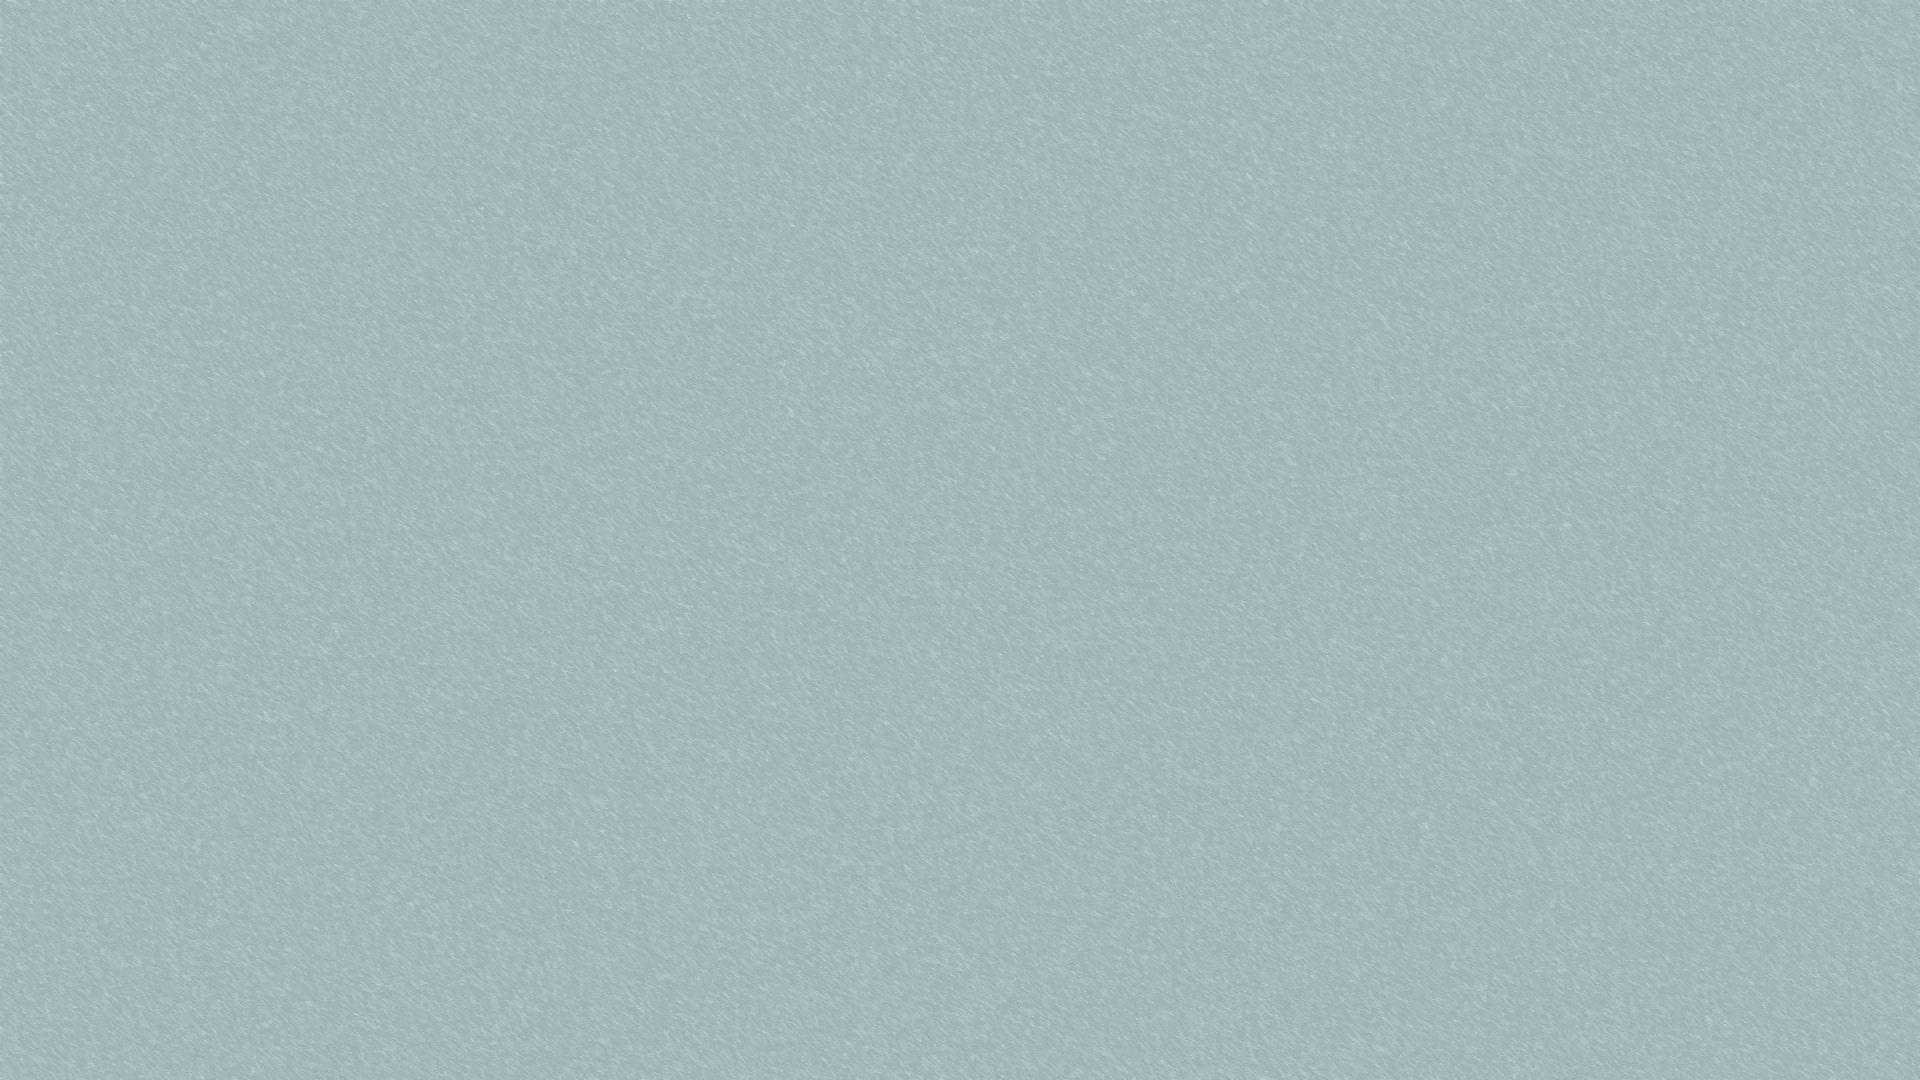 コンクリート風背景画像_blue